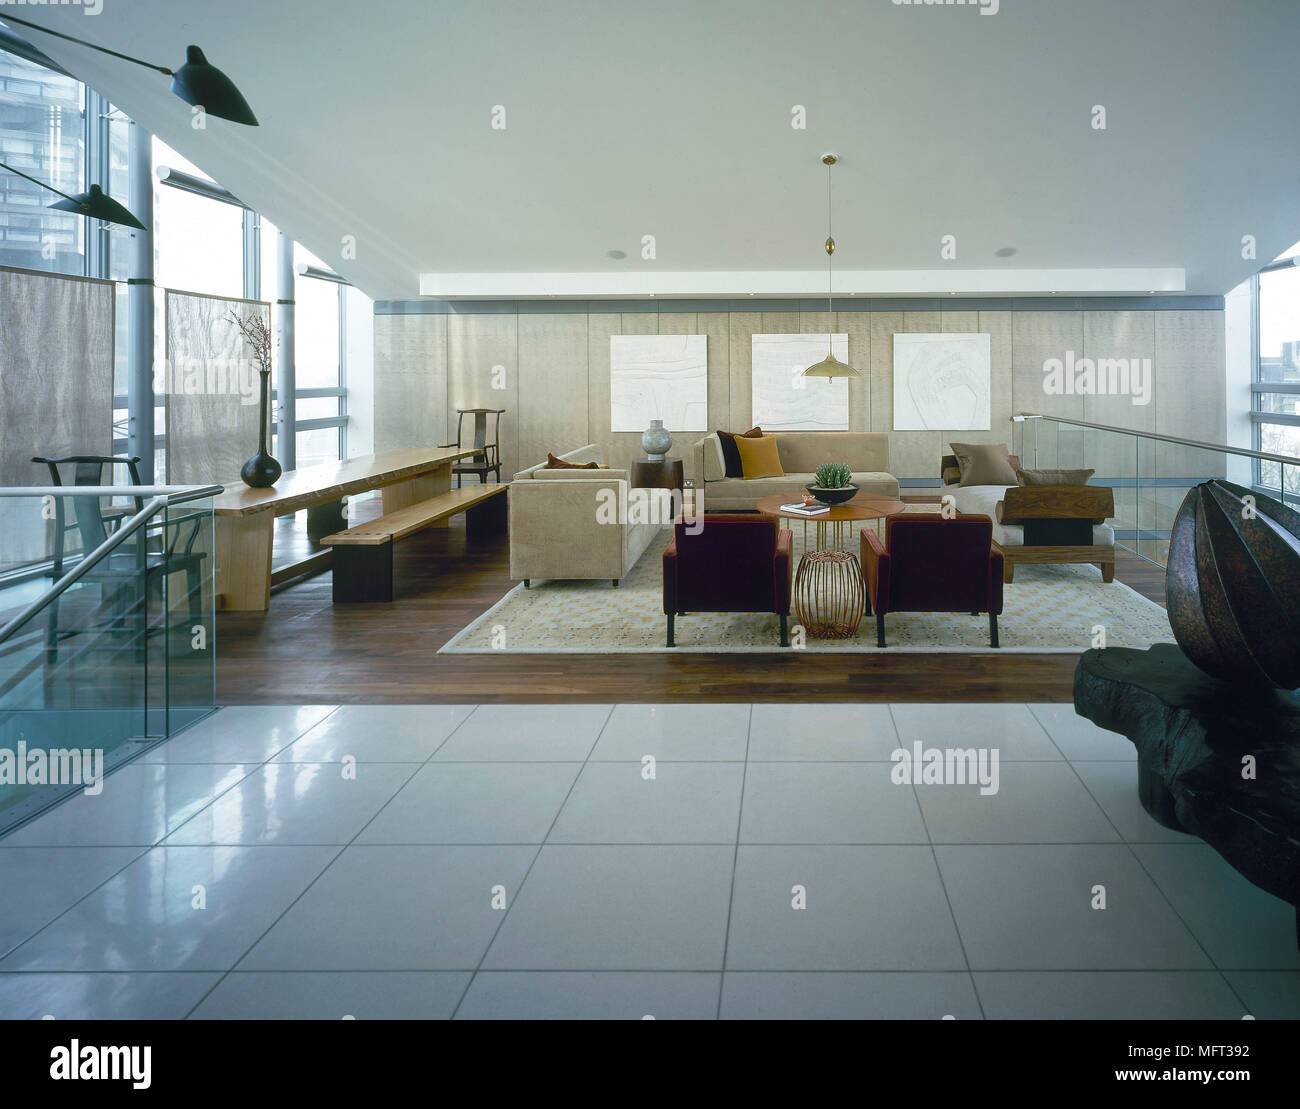 moderne offene wohnzimmer essbereich ger umige wei gefliesten fu boden bereich interieur zimmer. Black Bedroom Furniture Sets. Home Design Ideas